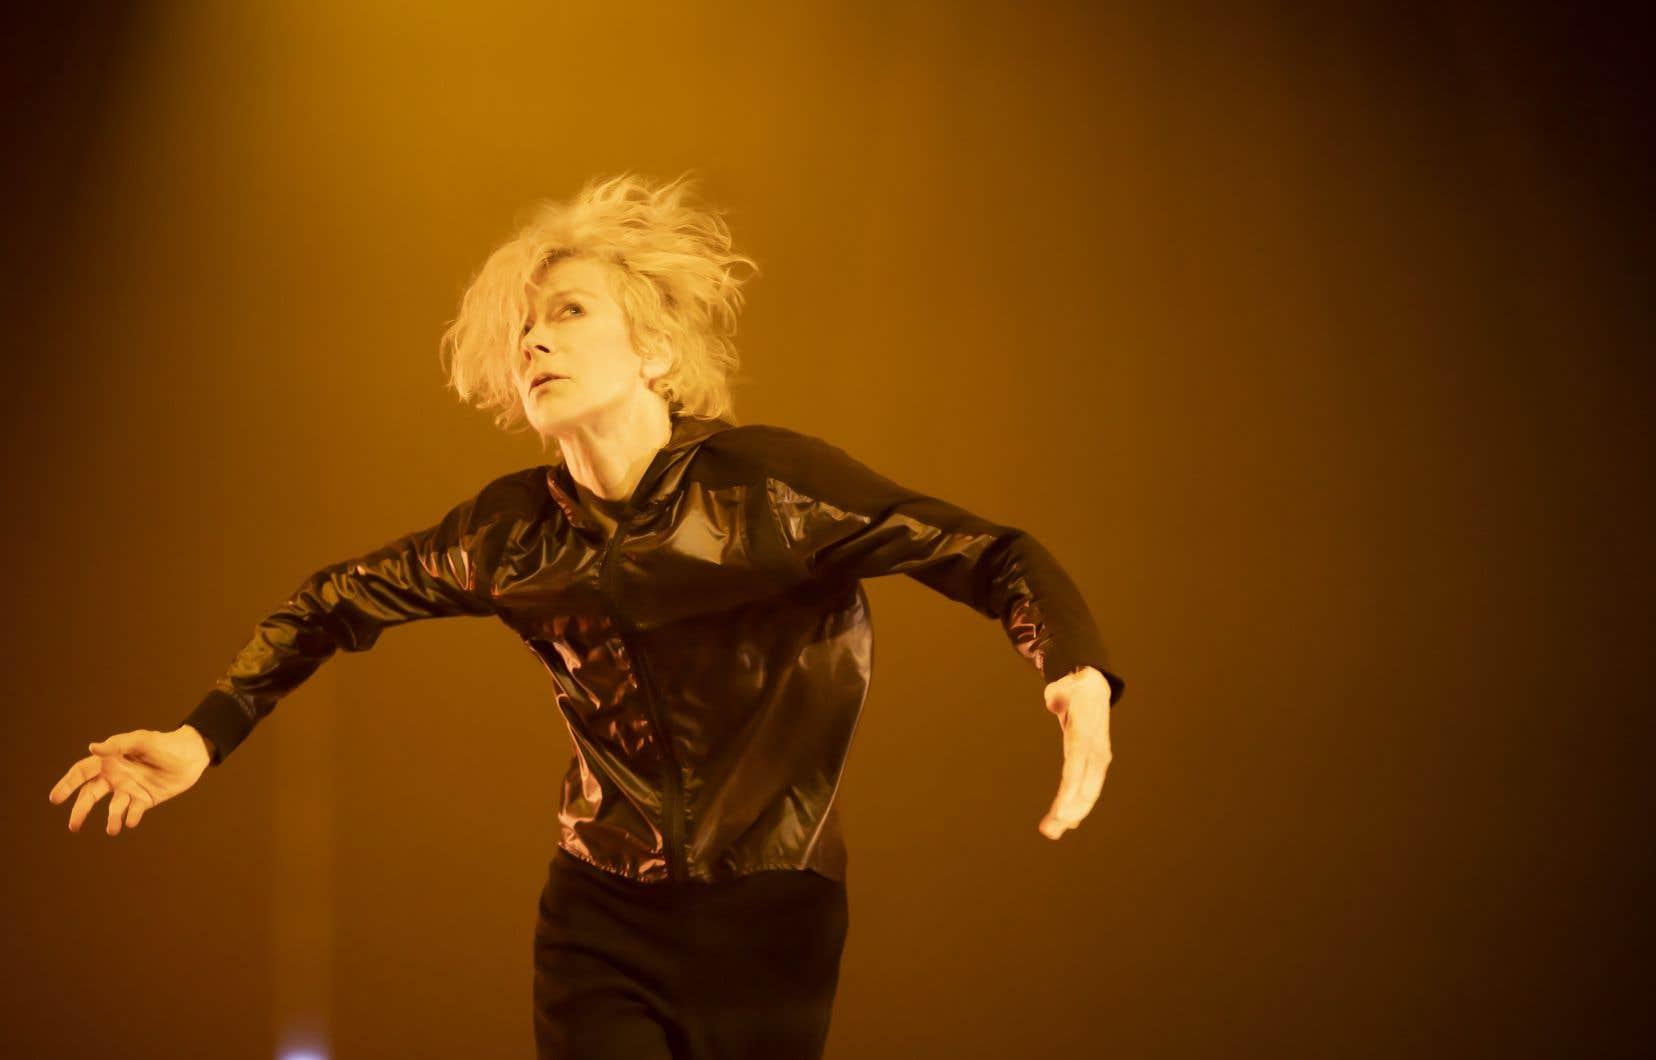 C'est un corps total que l'on découvre sur scène, un corps tout en subtilités qui dévoile une interprète virtuose.